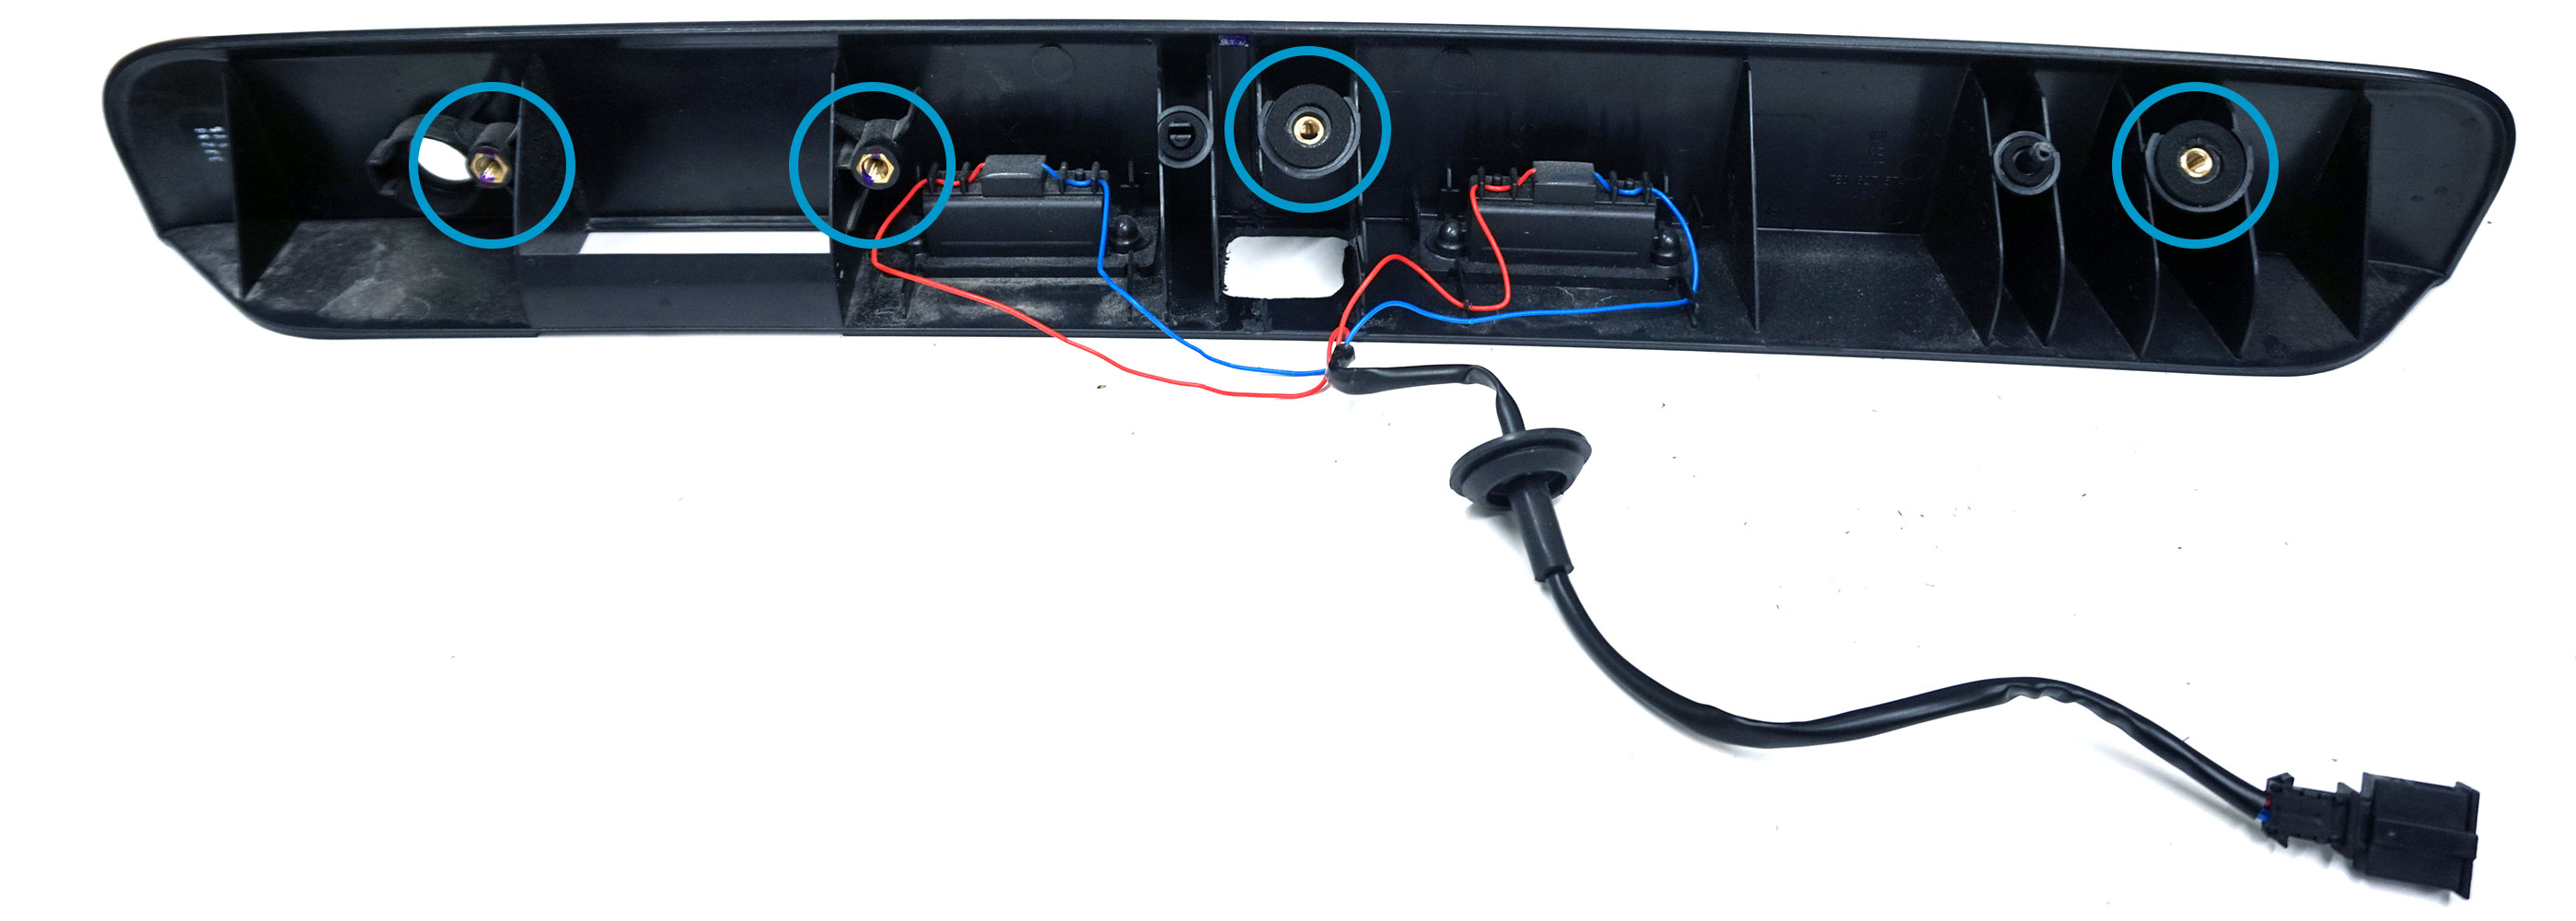 Komplett kit för eftermontering av backkamera i Transporter T6